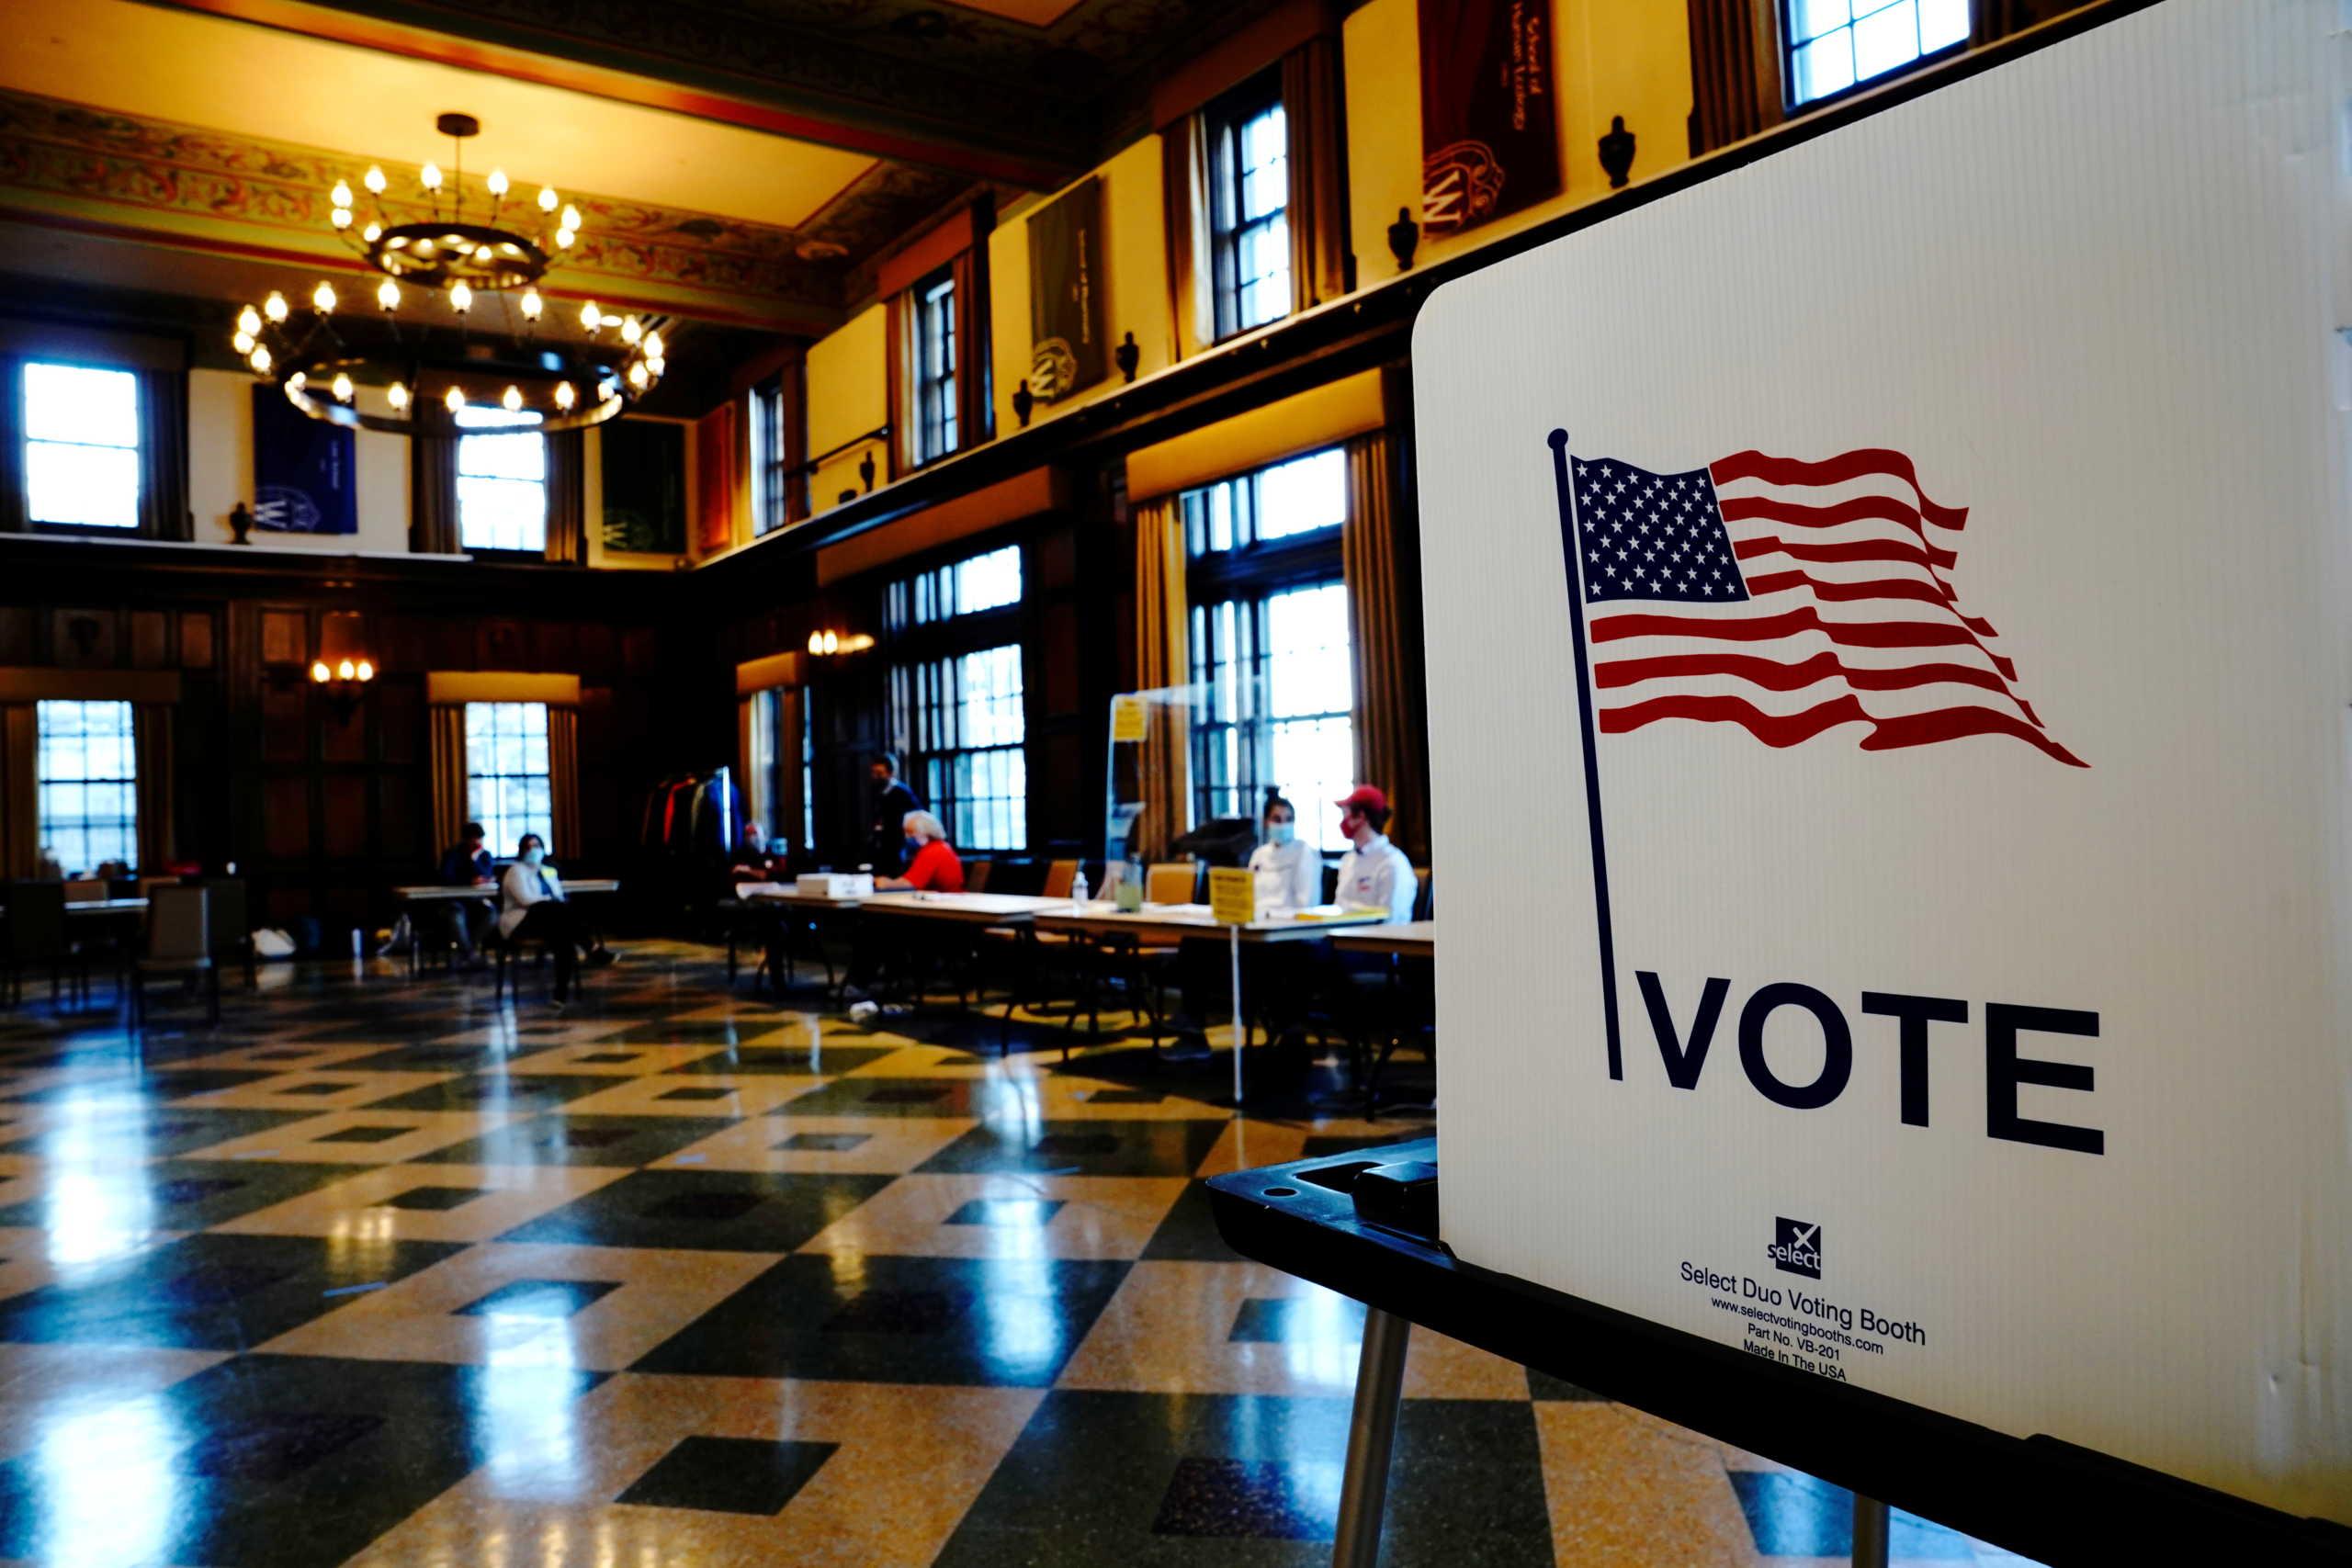 ΗΠΑ: Πάνω από 3 εκατομμύρια άτομα ψήφισαν πρόωρα στις επαναληπτικές εκλογές στην Τζόρτζια